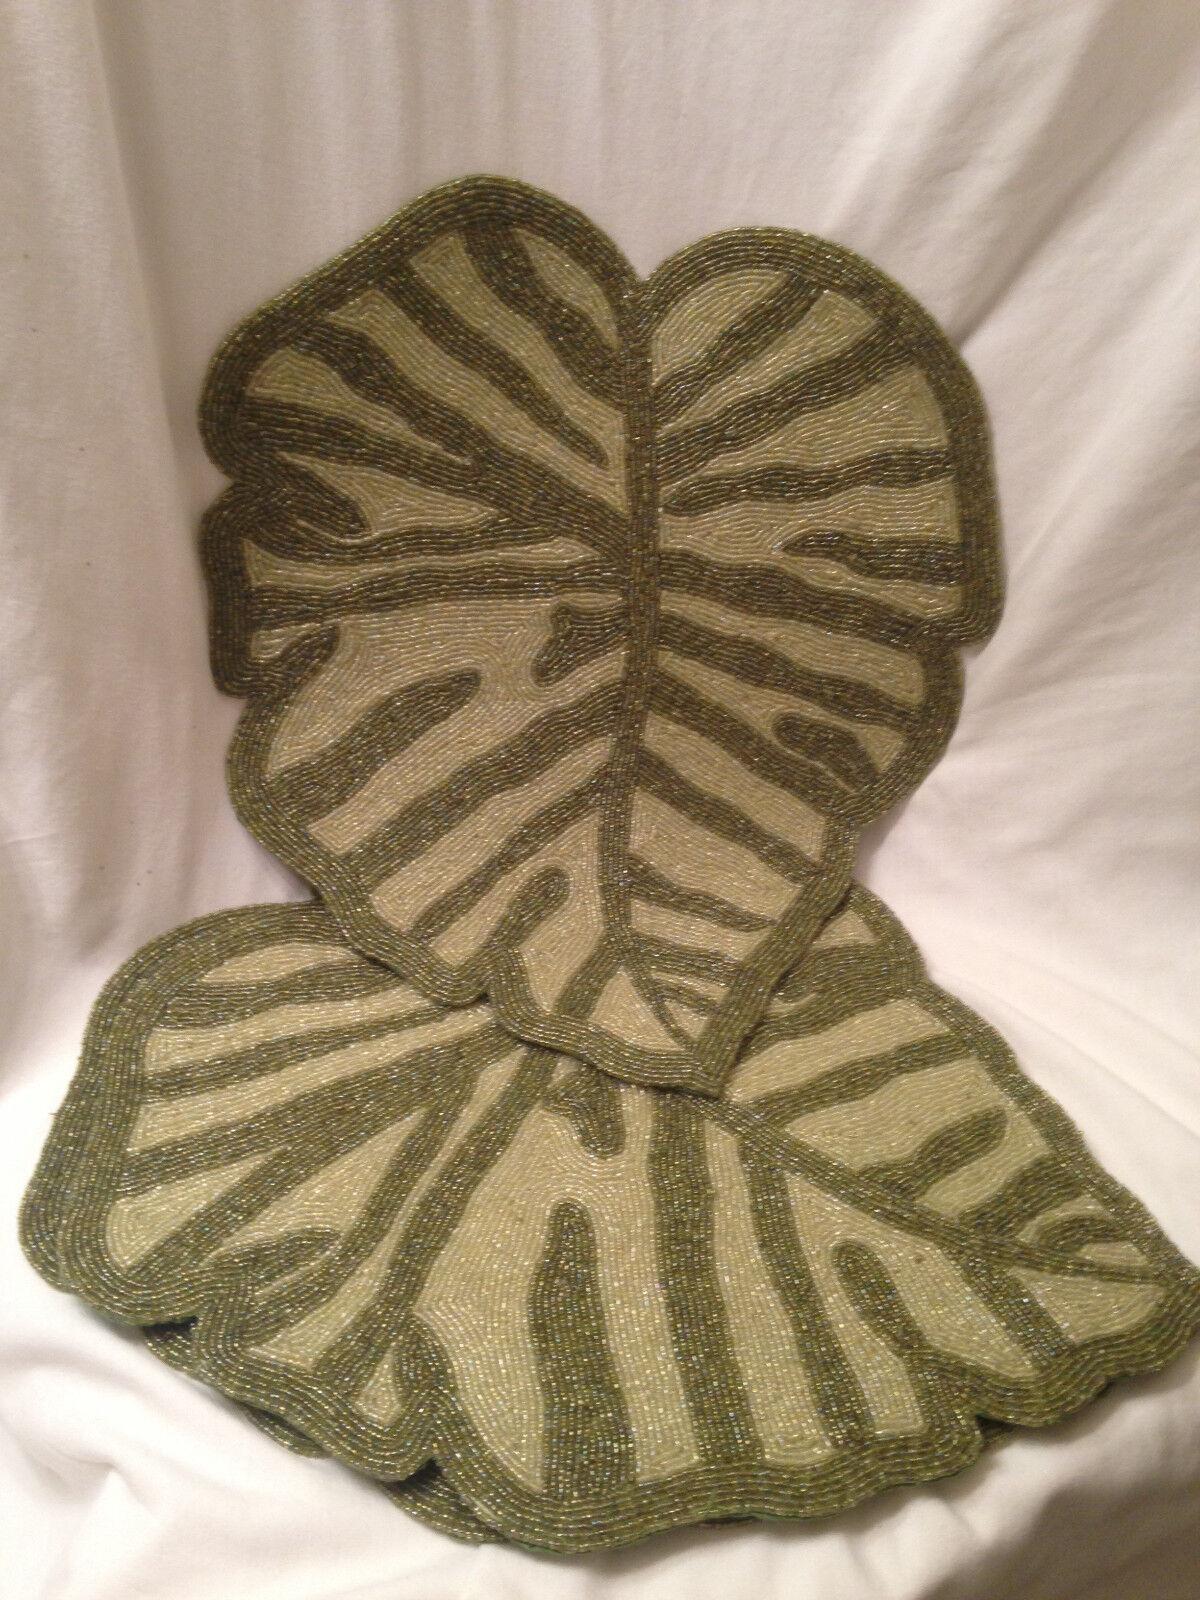 Neuf Avec étiquettes Lot de 4 Z Gallerie Verre Perles GRN Mix Palm Leaf sets de table avec serviette Anneaux